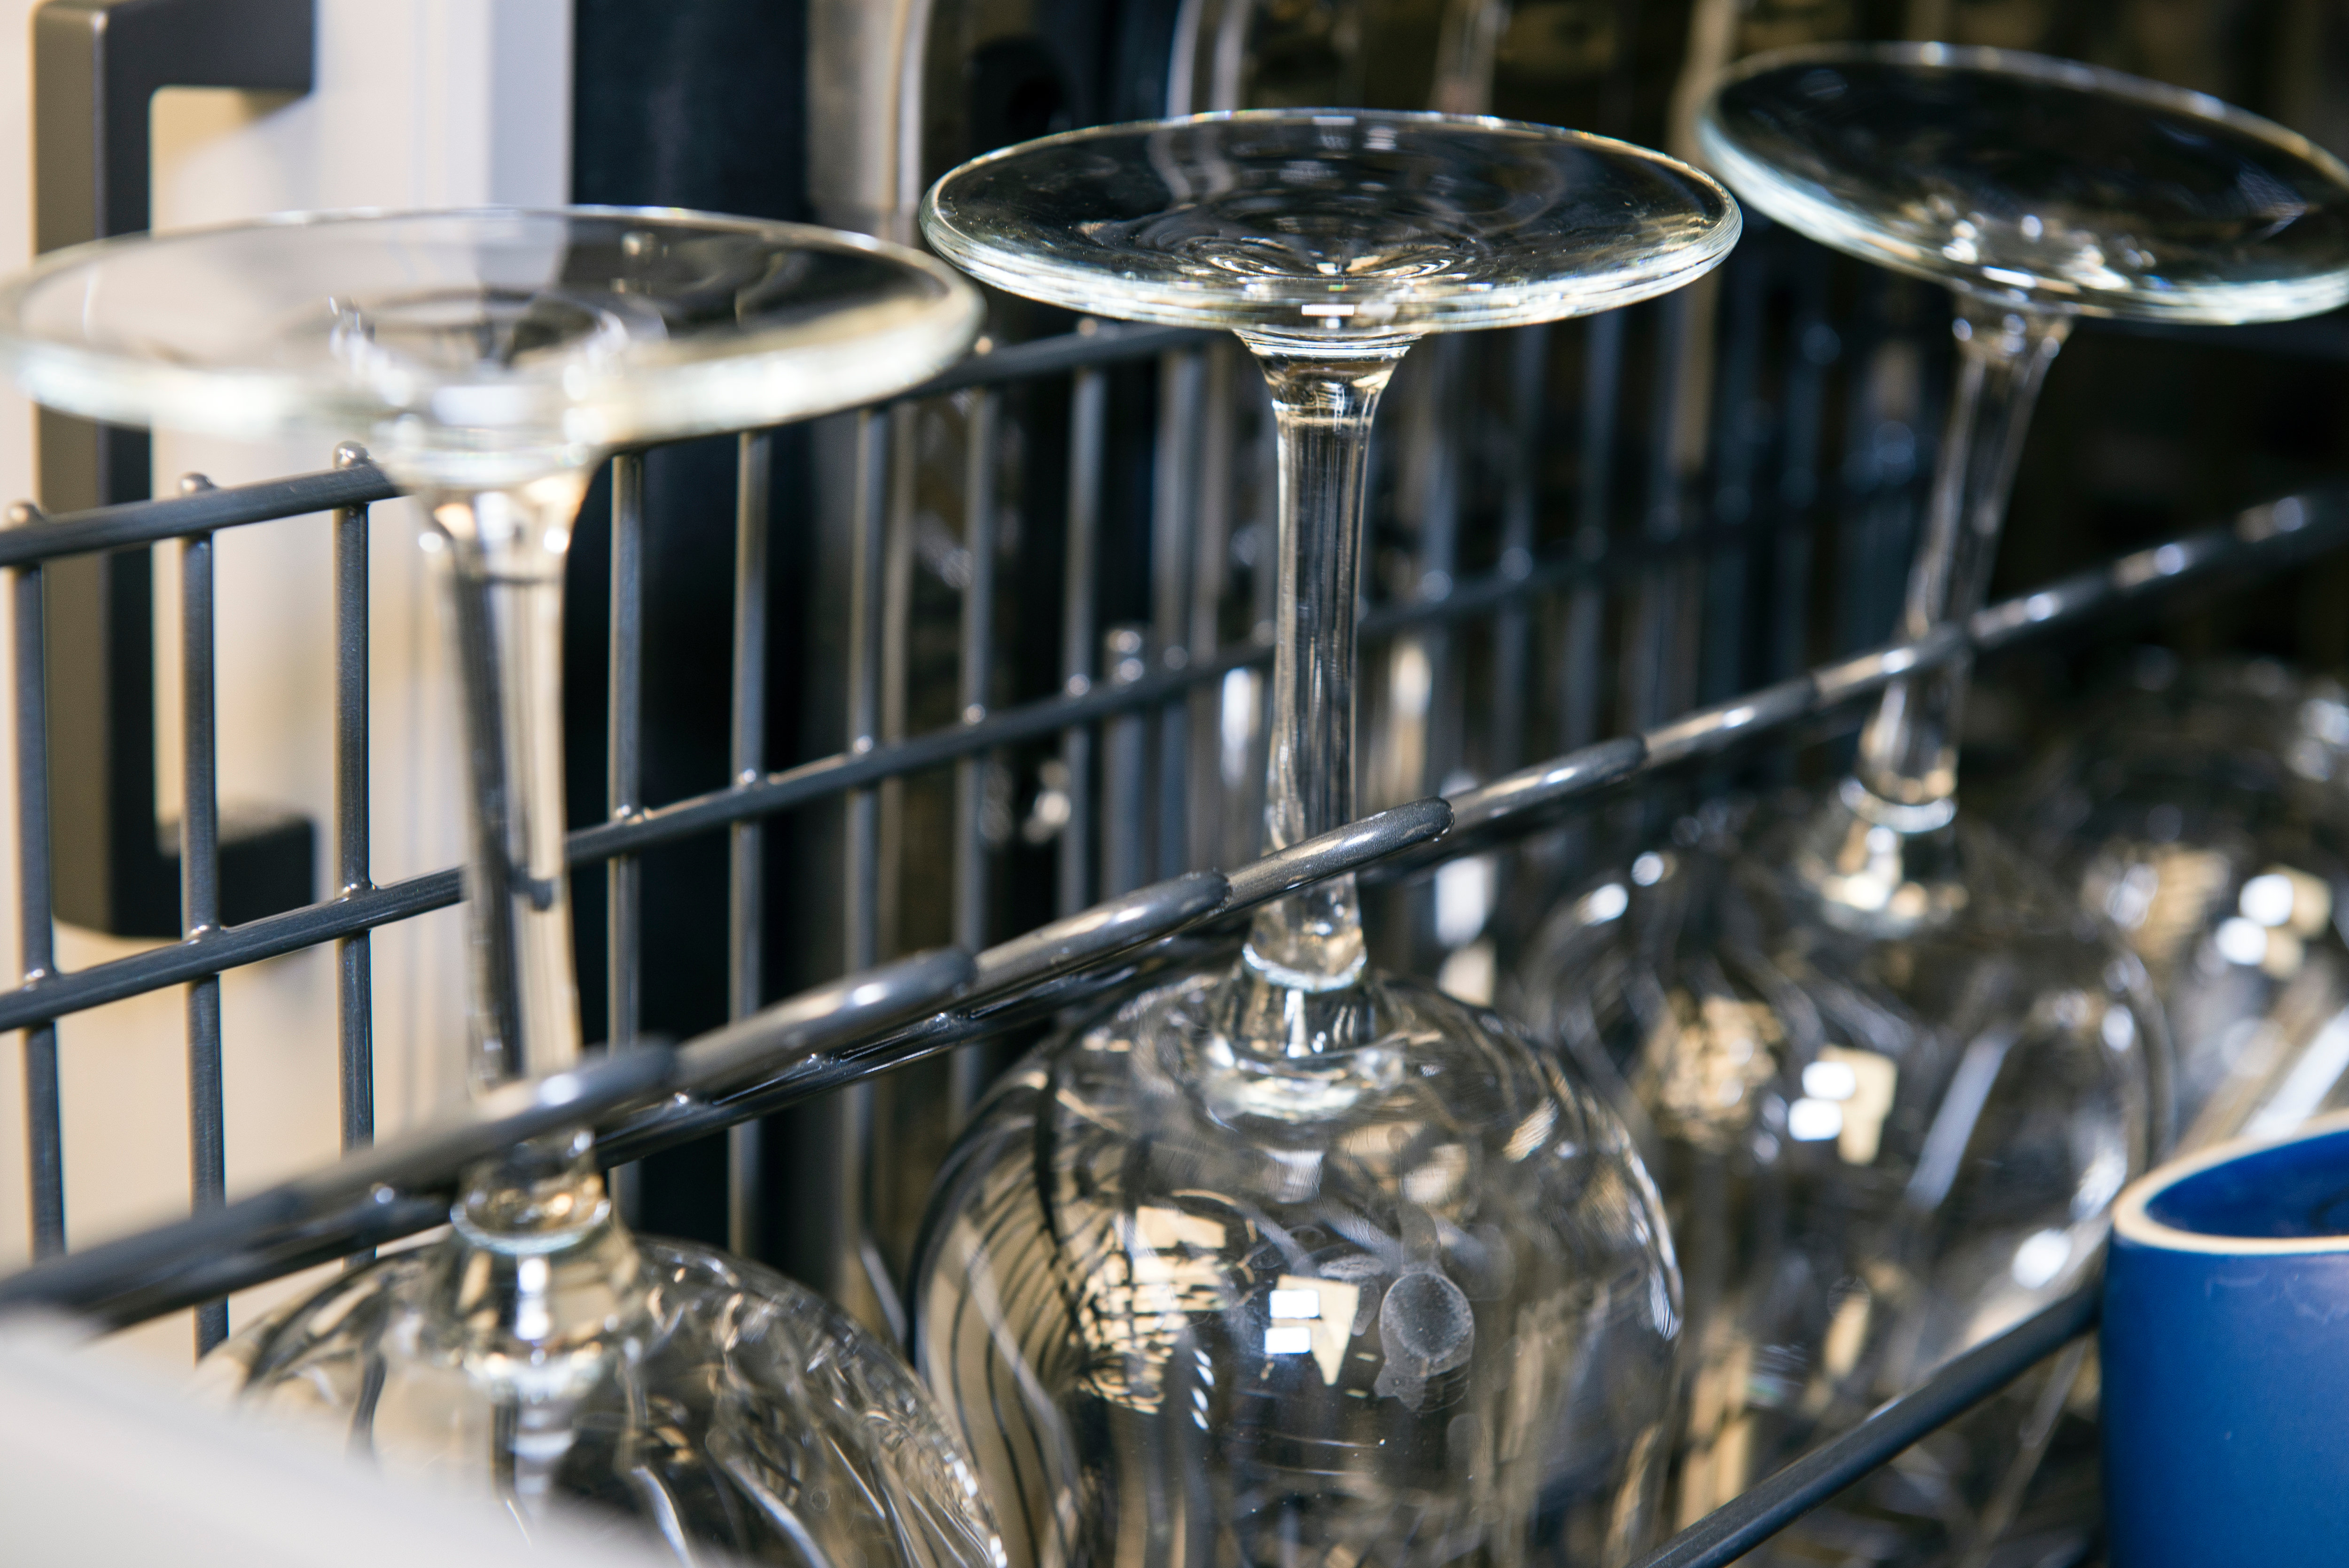 Asko D5534XXLFI wine glasses